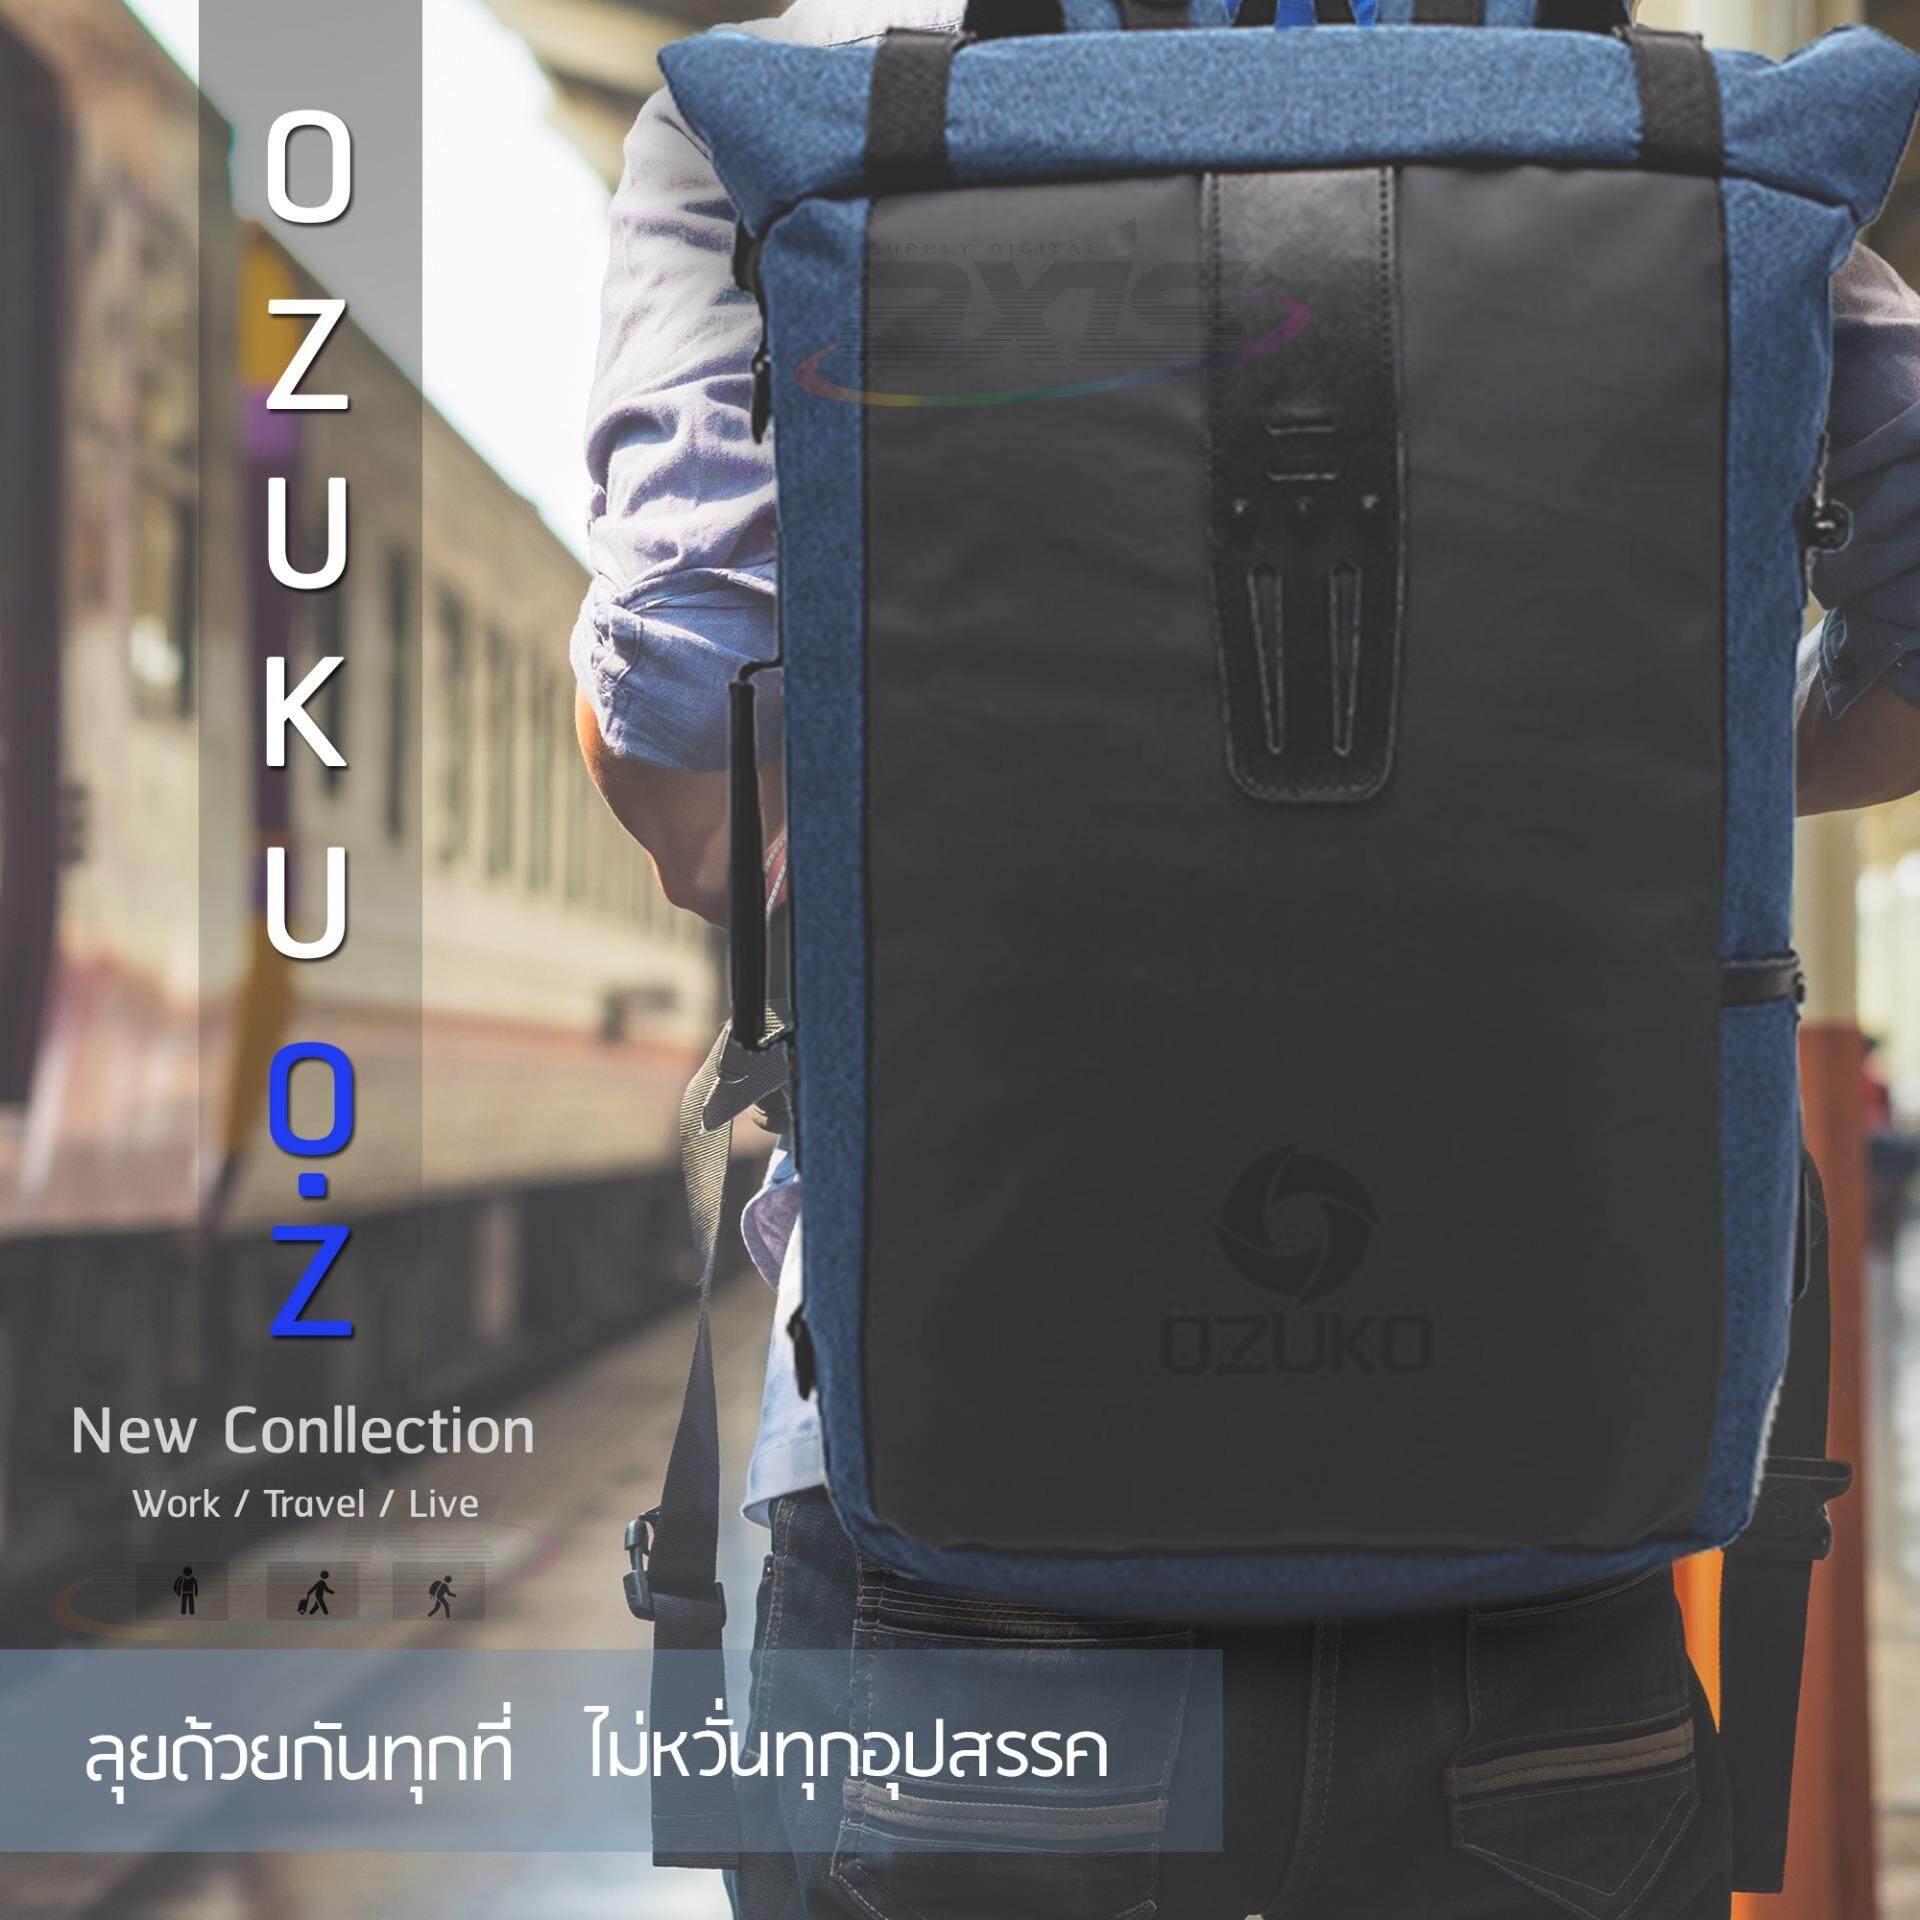 ขาย Ozuko รุ่น O Z กระเป๋าถือ สพายหลัง ใบใหญ่ ใช้เดินป่า ท่องเที่ยว คงทนแข็งแรงใส่ของได้เยอะมีช่องซิปภายใน Notebook แฟ้มเอกสาร เสื้อผ้า โทรศัพท์มือถือ อื่นๆ สีน้ำเงิน Ozuko เป็นต้นฉบับ